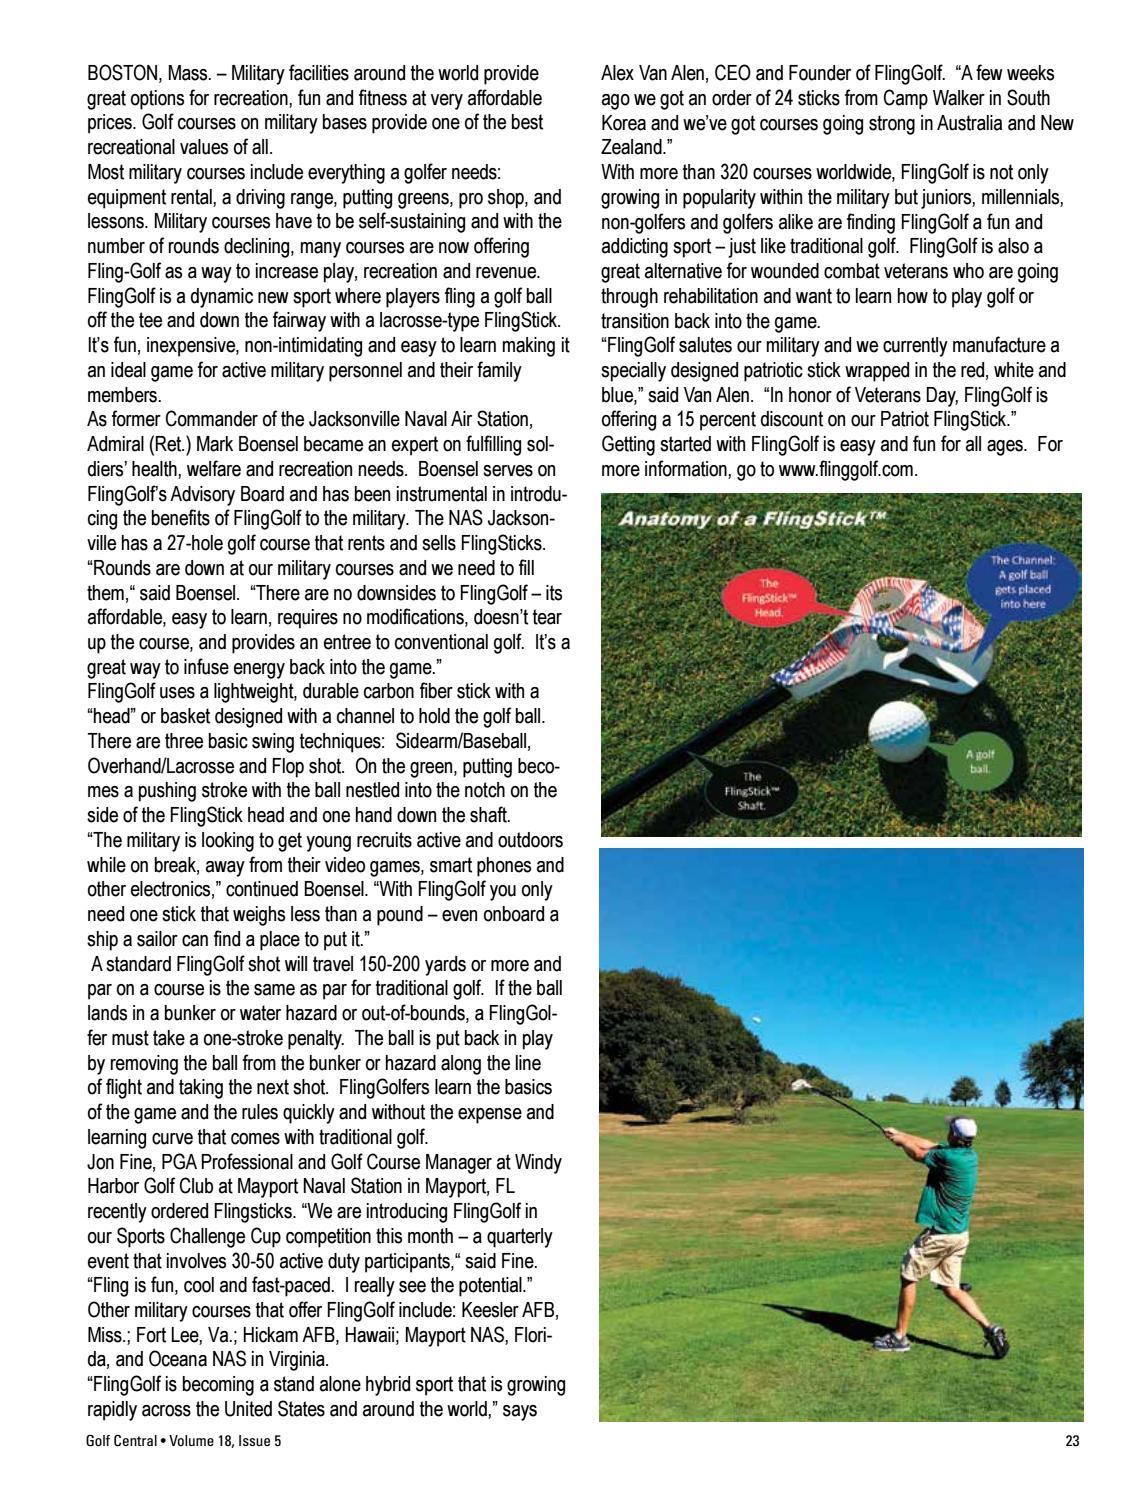 Golf Central Magazine V18 issue 5 • ezine by Shannon Coates - issuu